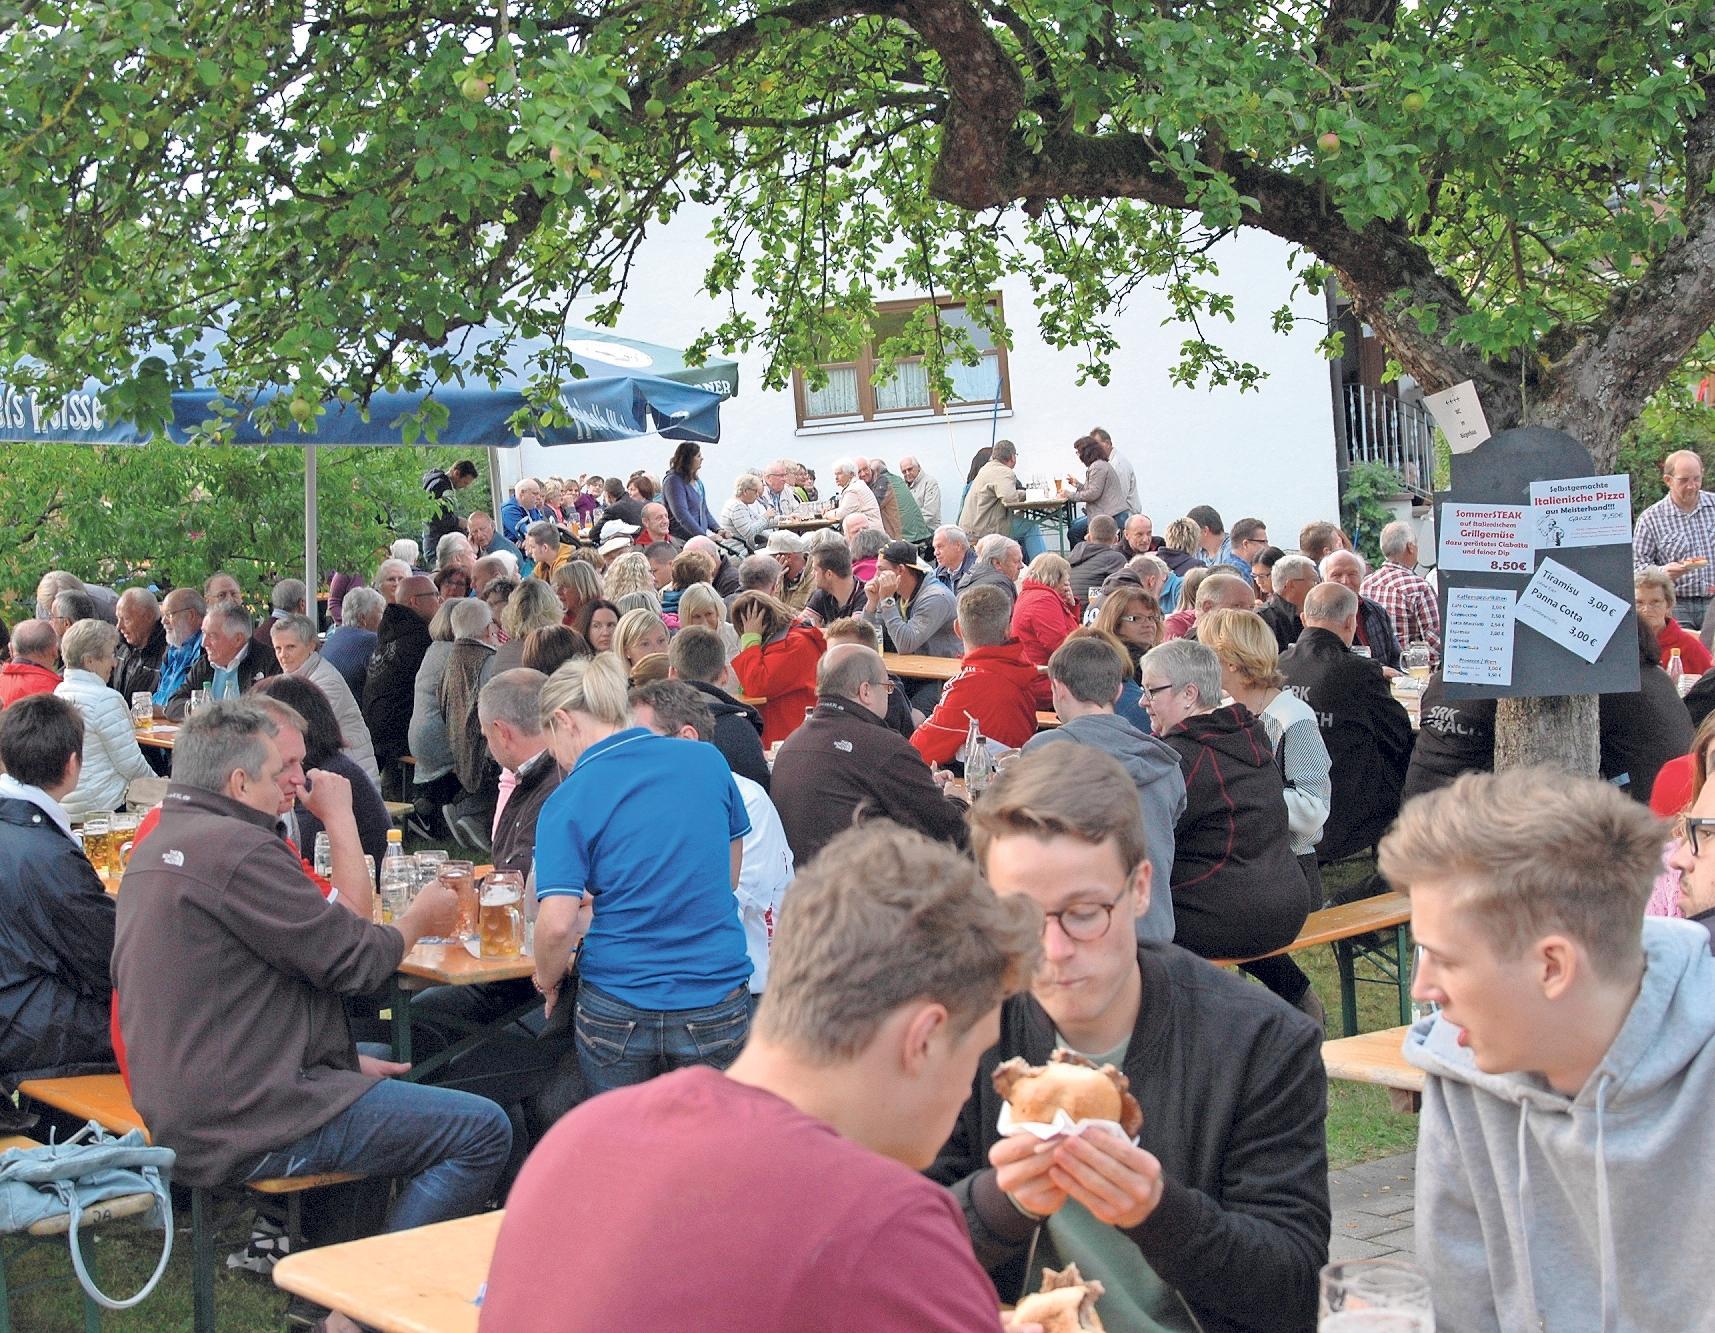 Das Lindenfest in Neustädtlein ist jedes Jahr ein Garant für einen lauschigen Abend mit guter Musik, leckerem Essen und netten Gesprächen. Fotos: Dieter Jenß